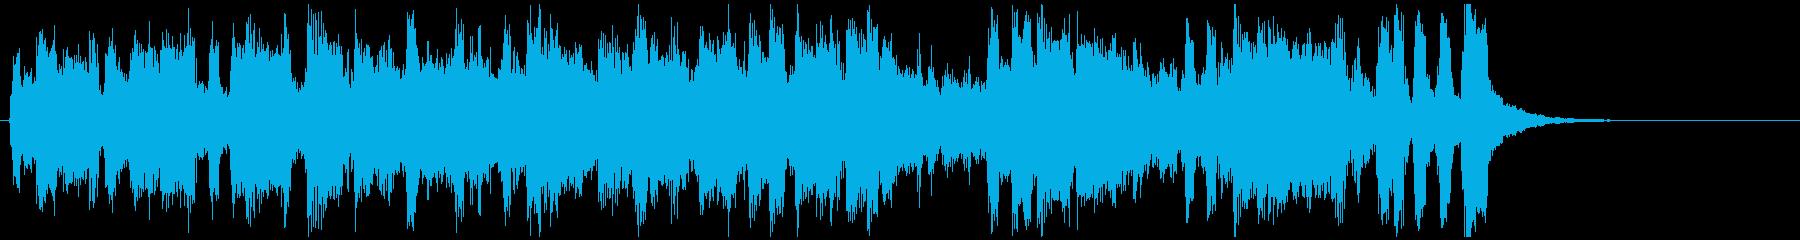 15秒CM向けの明るい陽気なラテンブラスの再生済みの波形